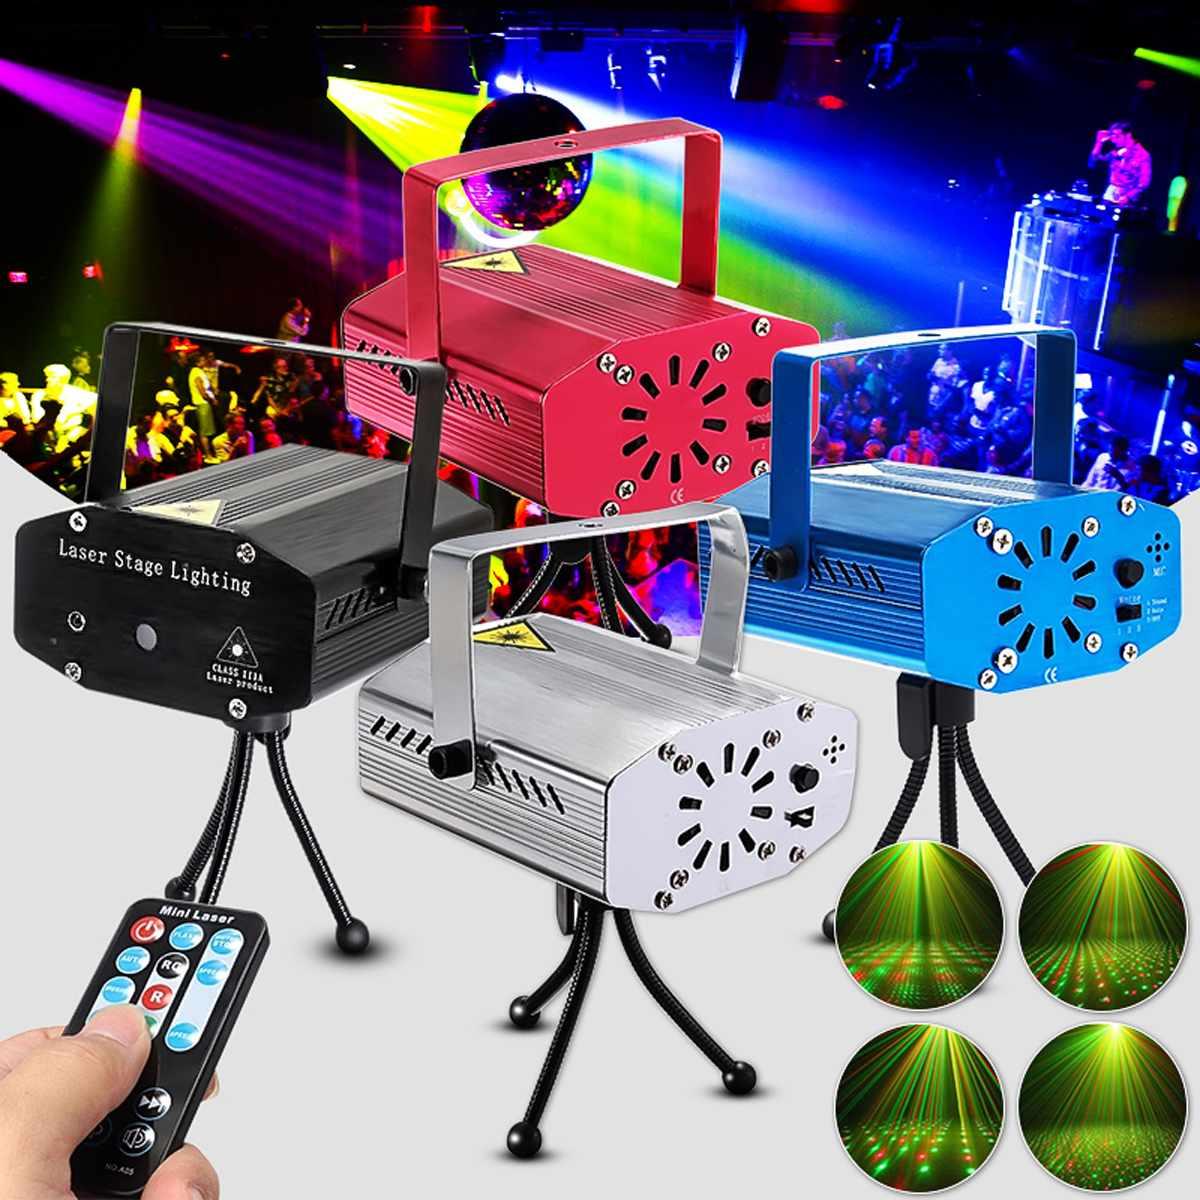 LED Lighting  Lights Wireless Mini Laser Projector  Lights Party Lighting Projector With Remote Control For DJ Disco